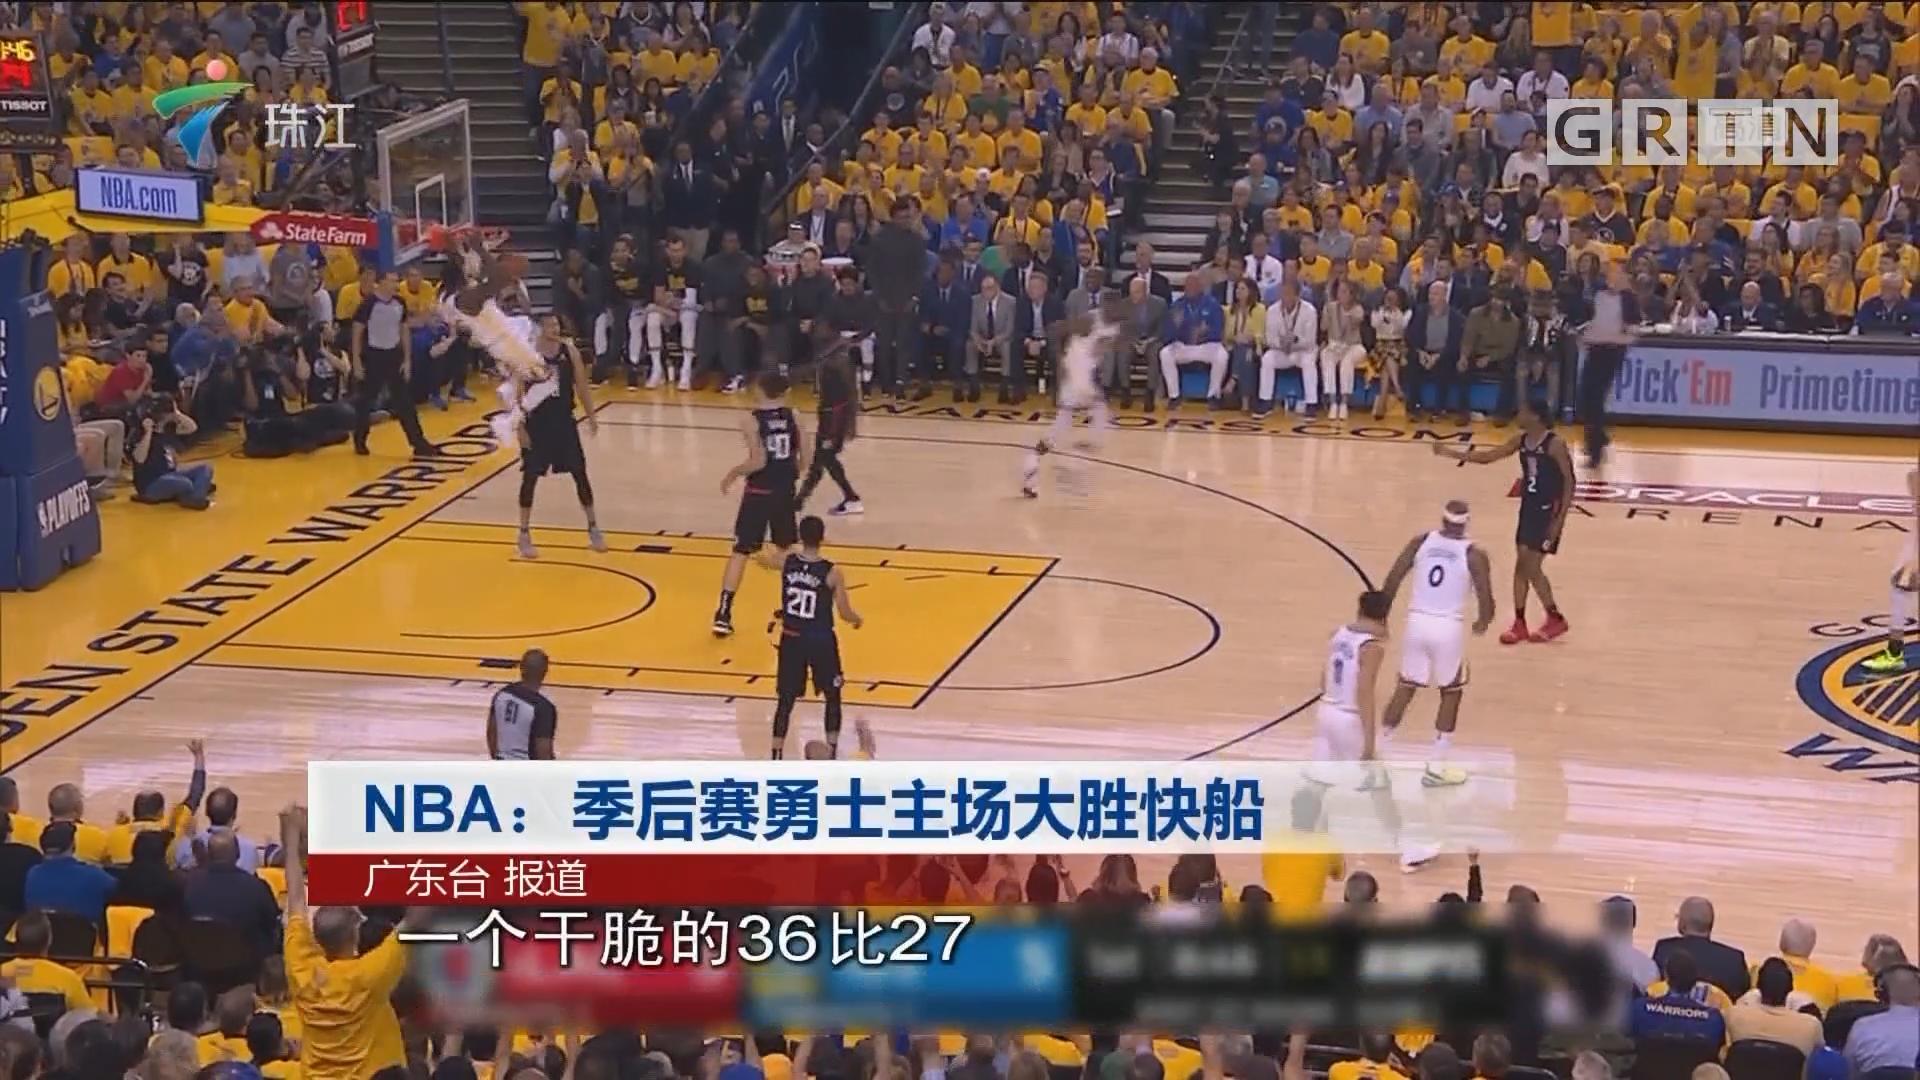 NBA:季后赛勇士主场大胜快船